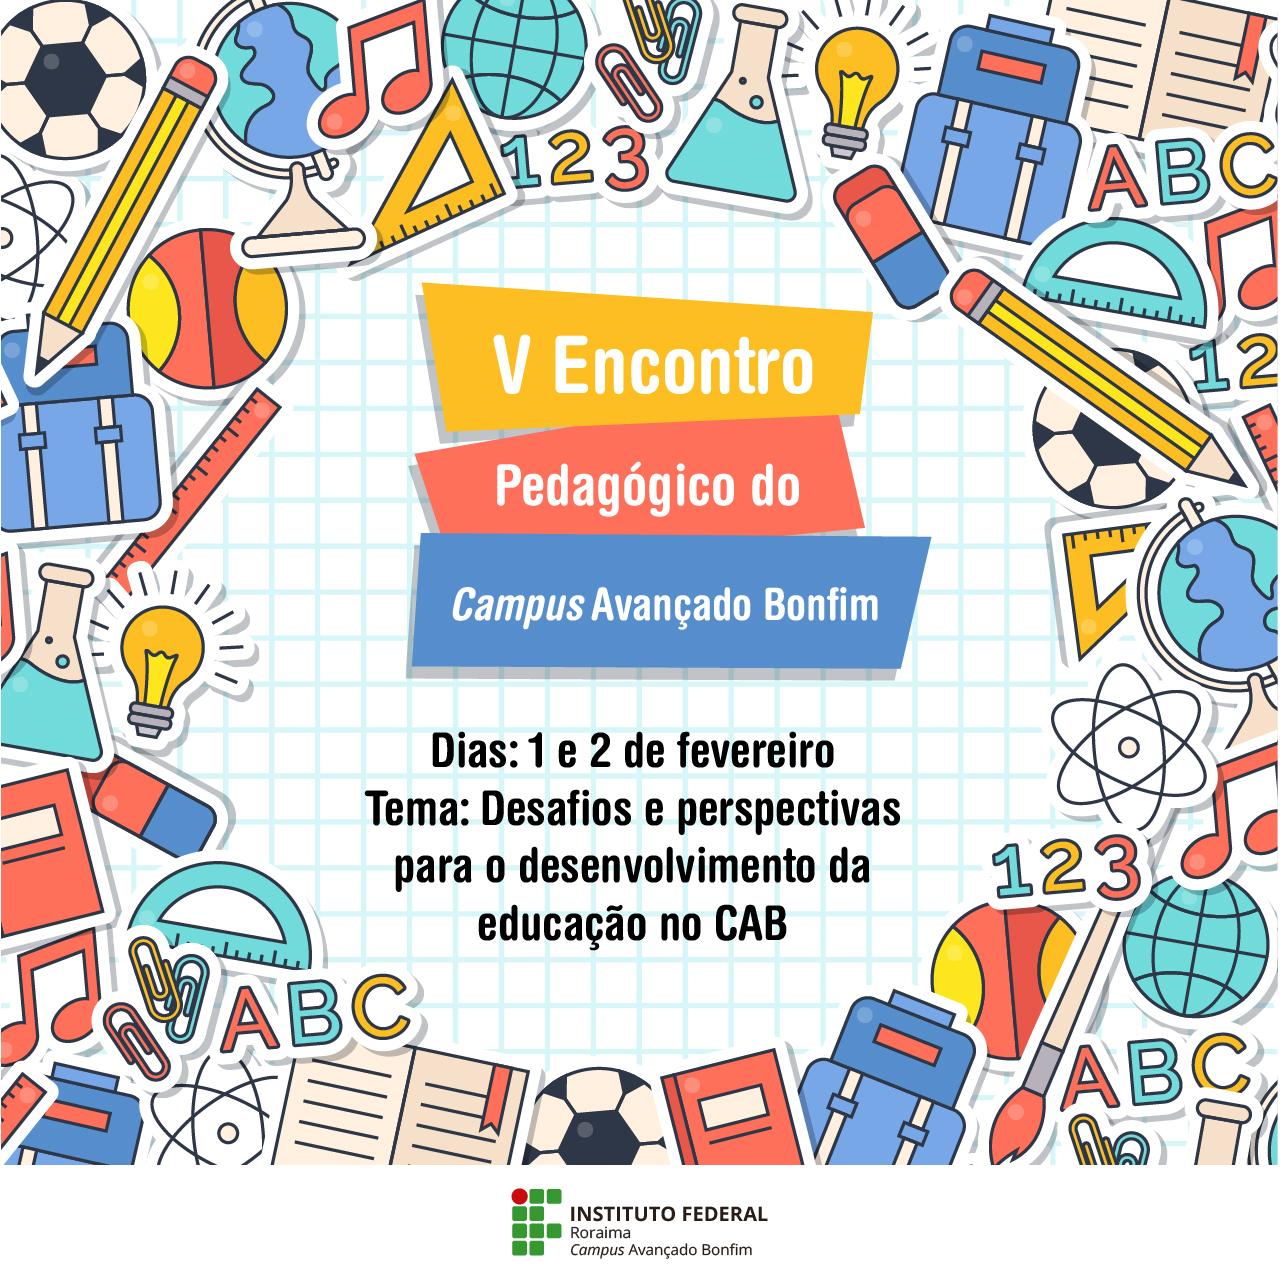 Encontro Pedagógico vai discutir desafios e perspectivas para a educação no Campus Avançado Bonfim